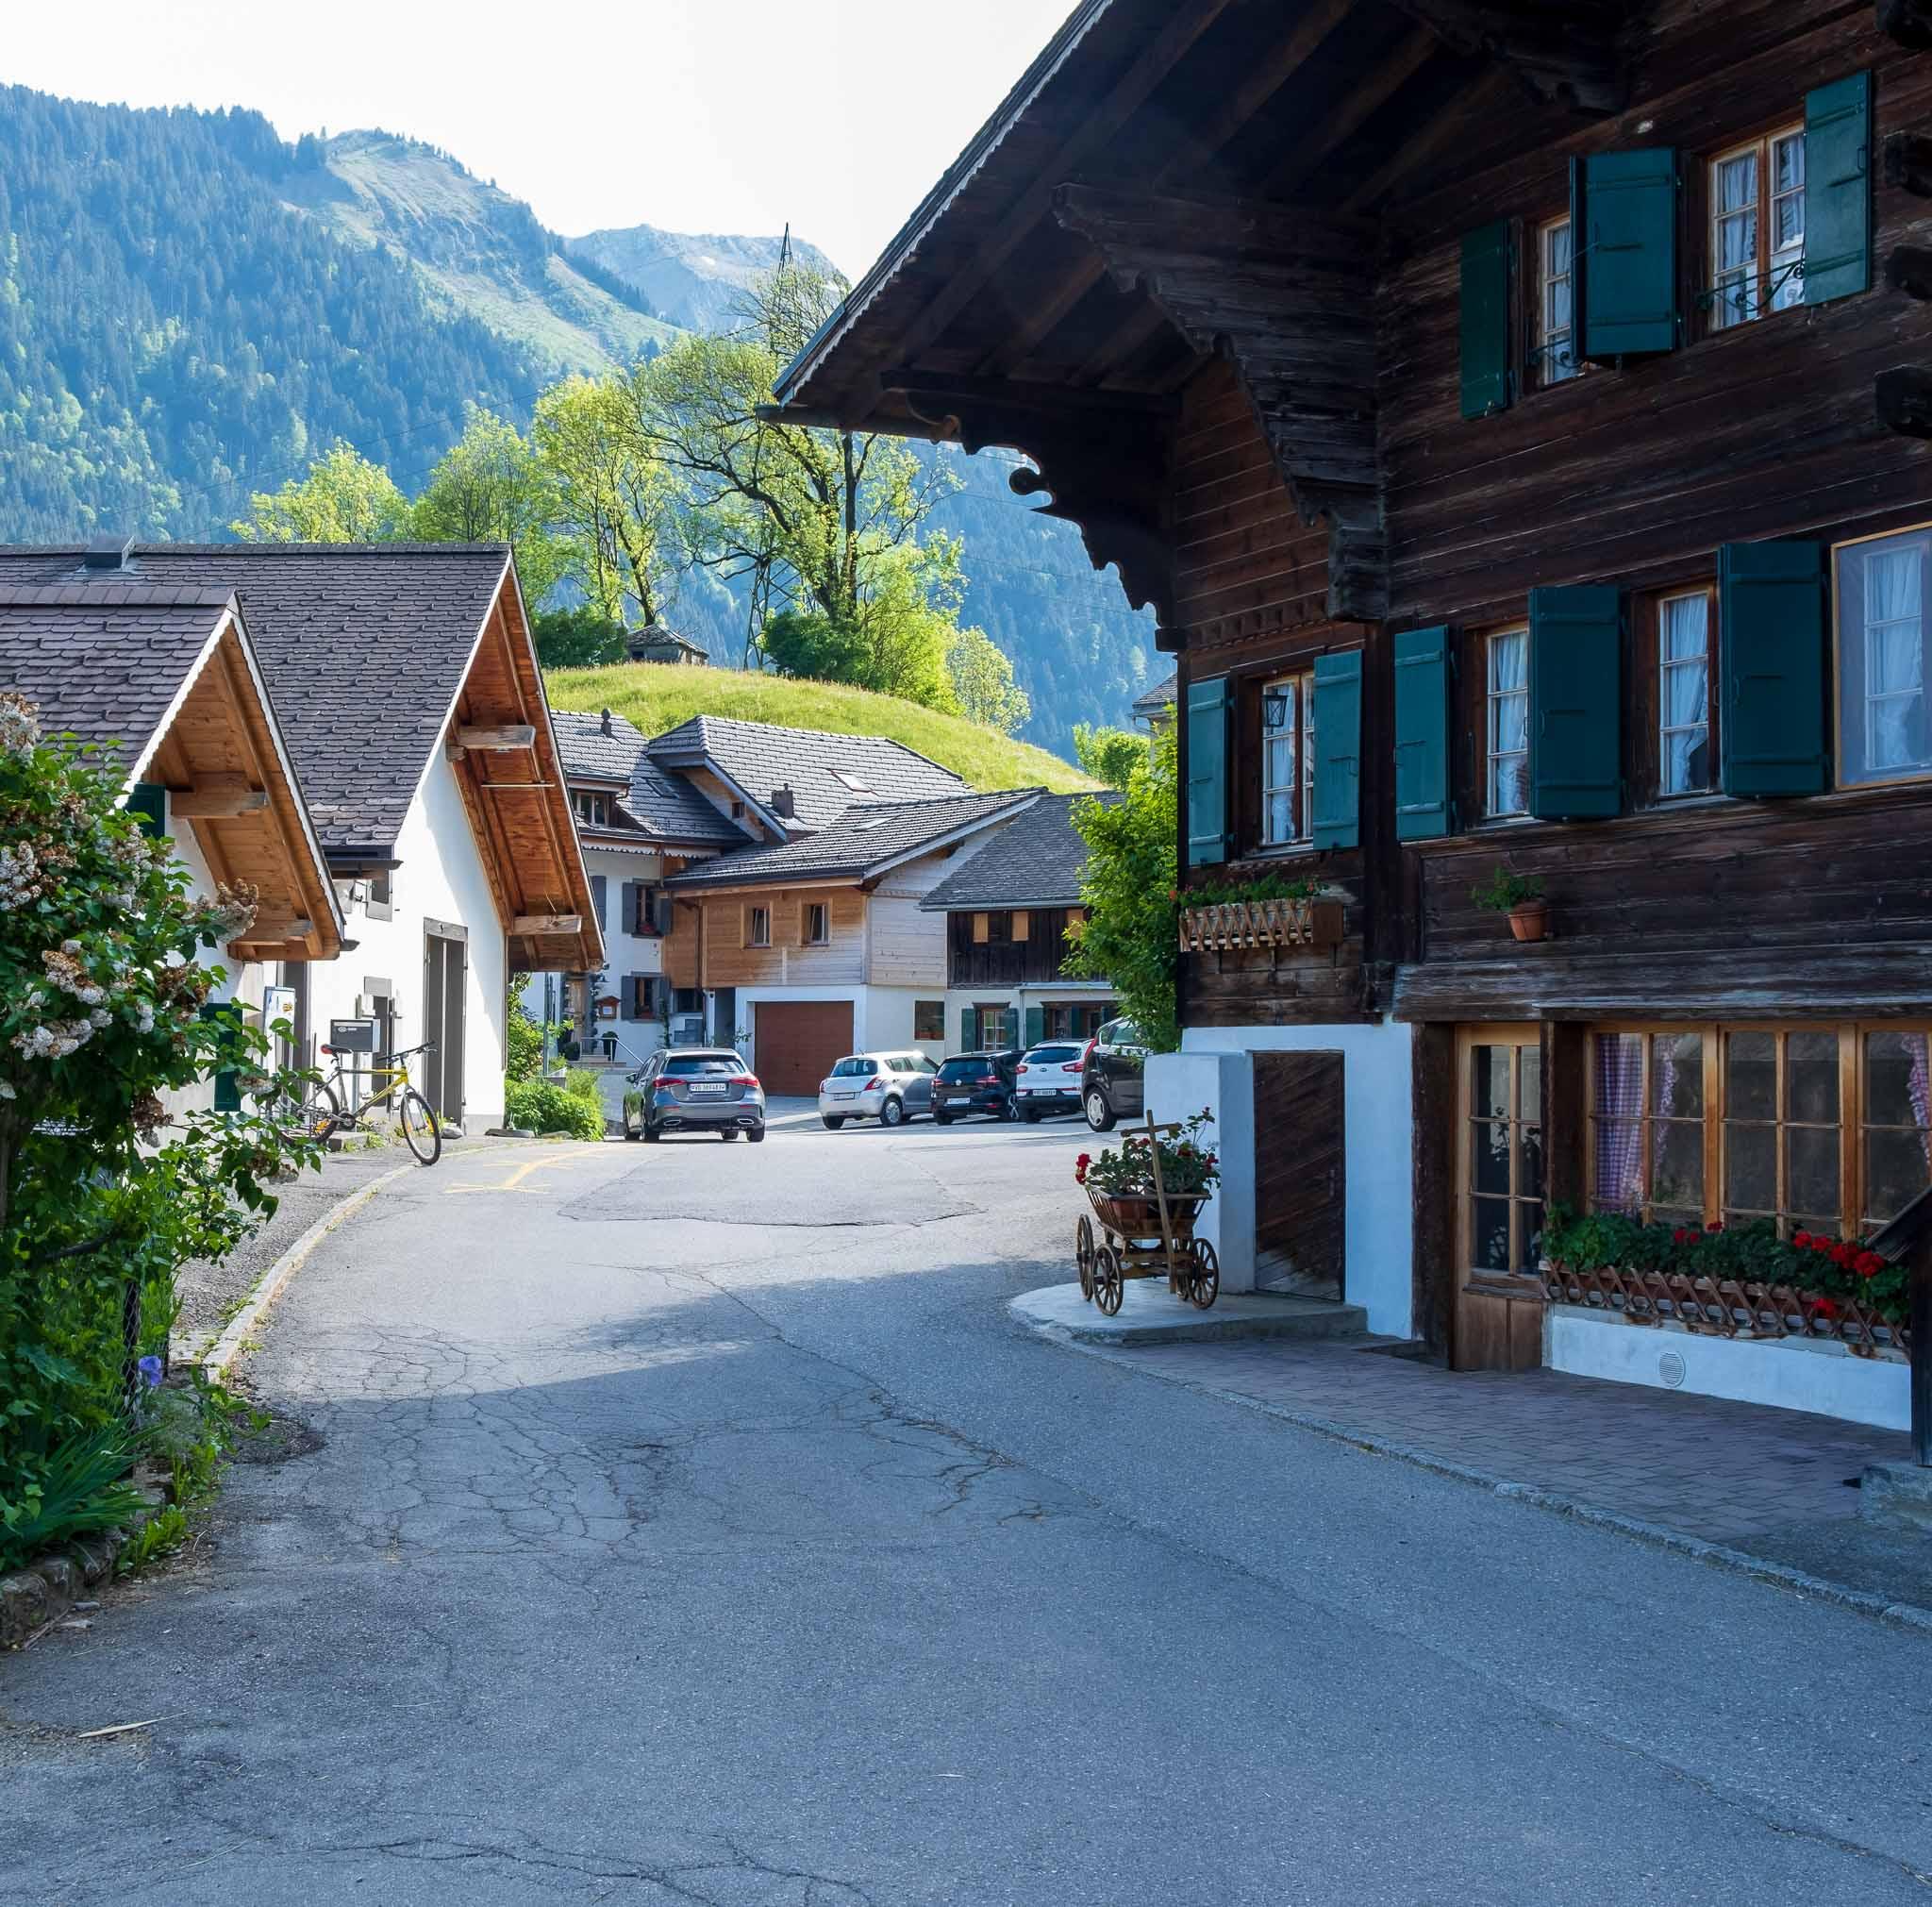 La Placette, the village square on Rossinière audio tour Cowbells, Chalets and Balthus: A Swiss Alpine Village Excursion